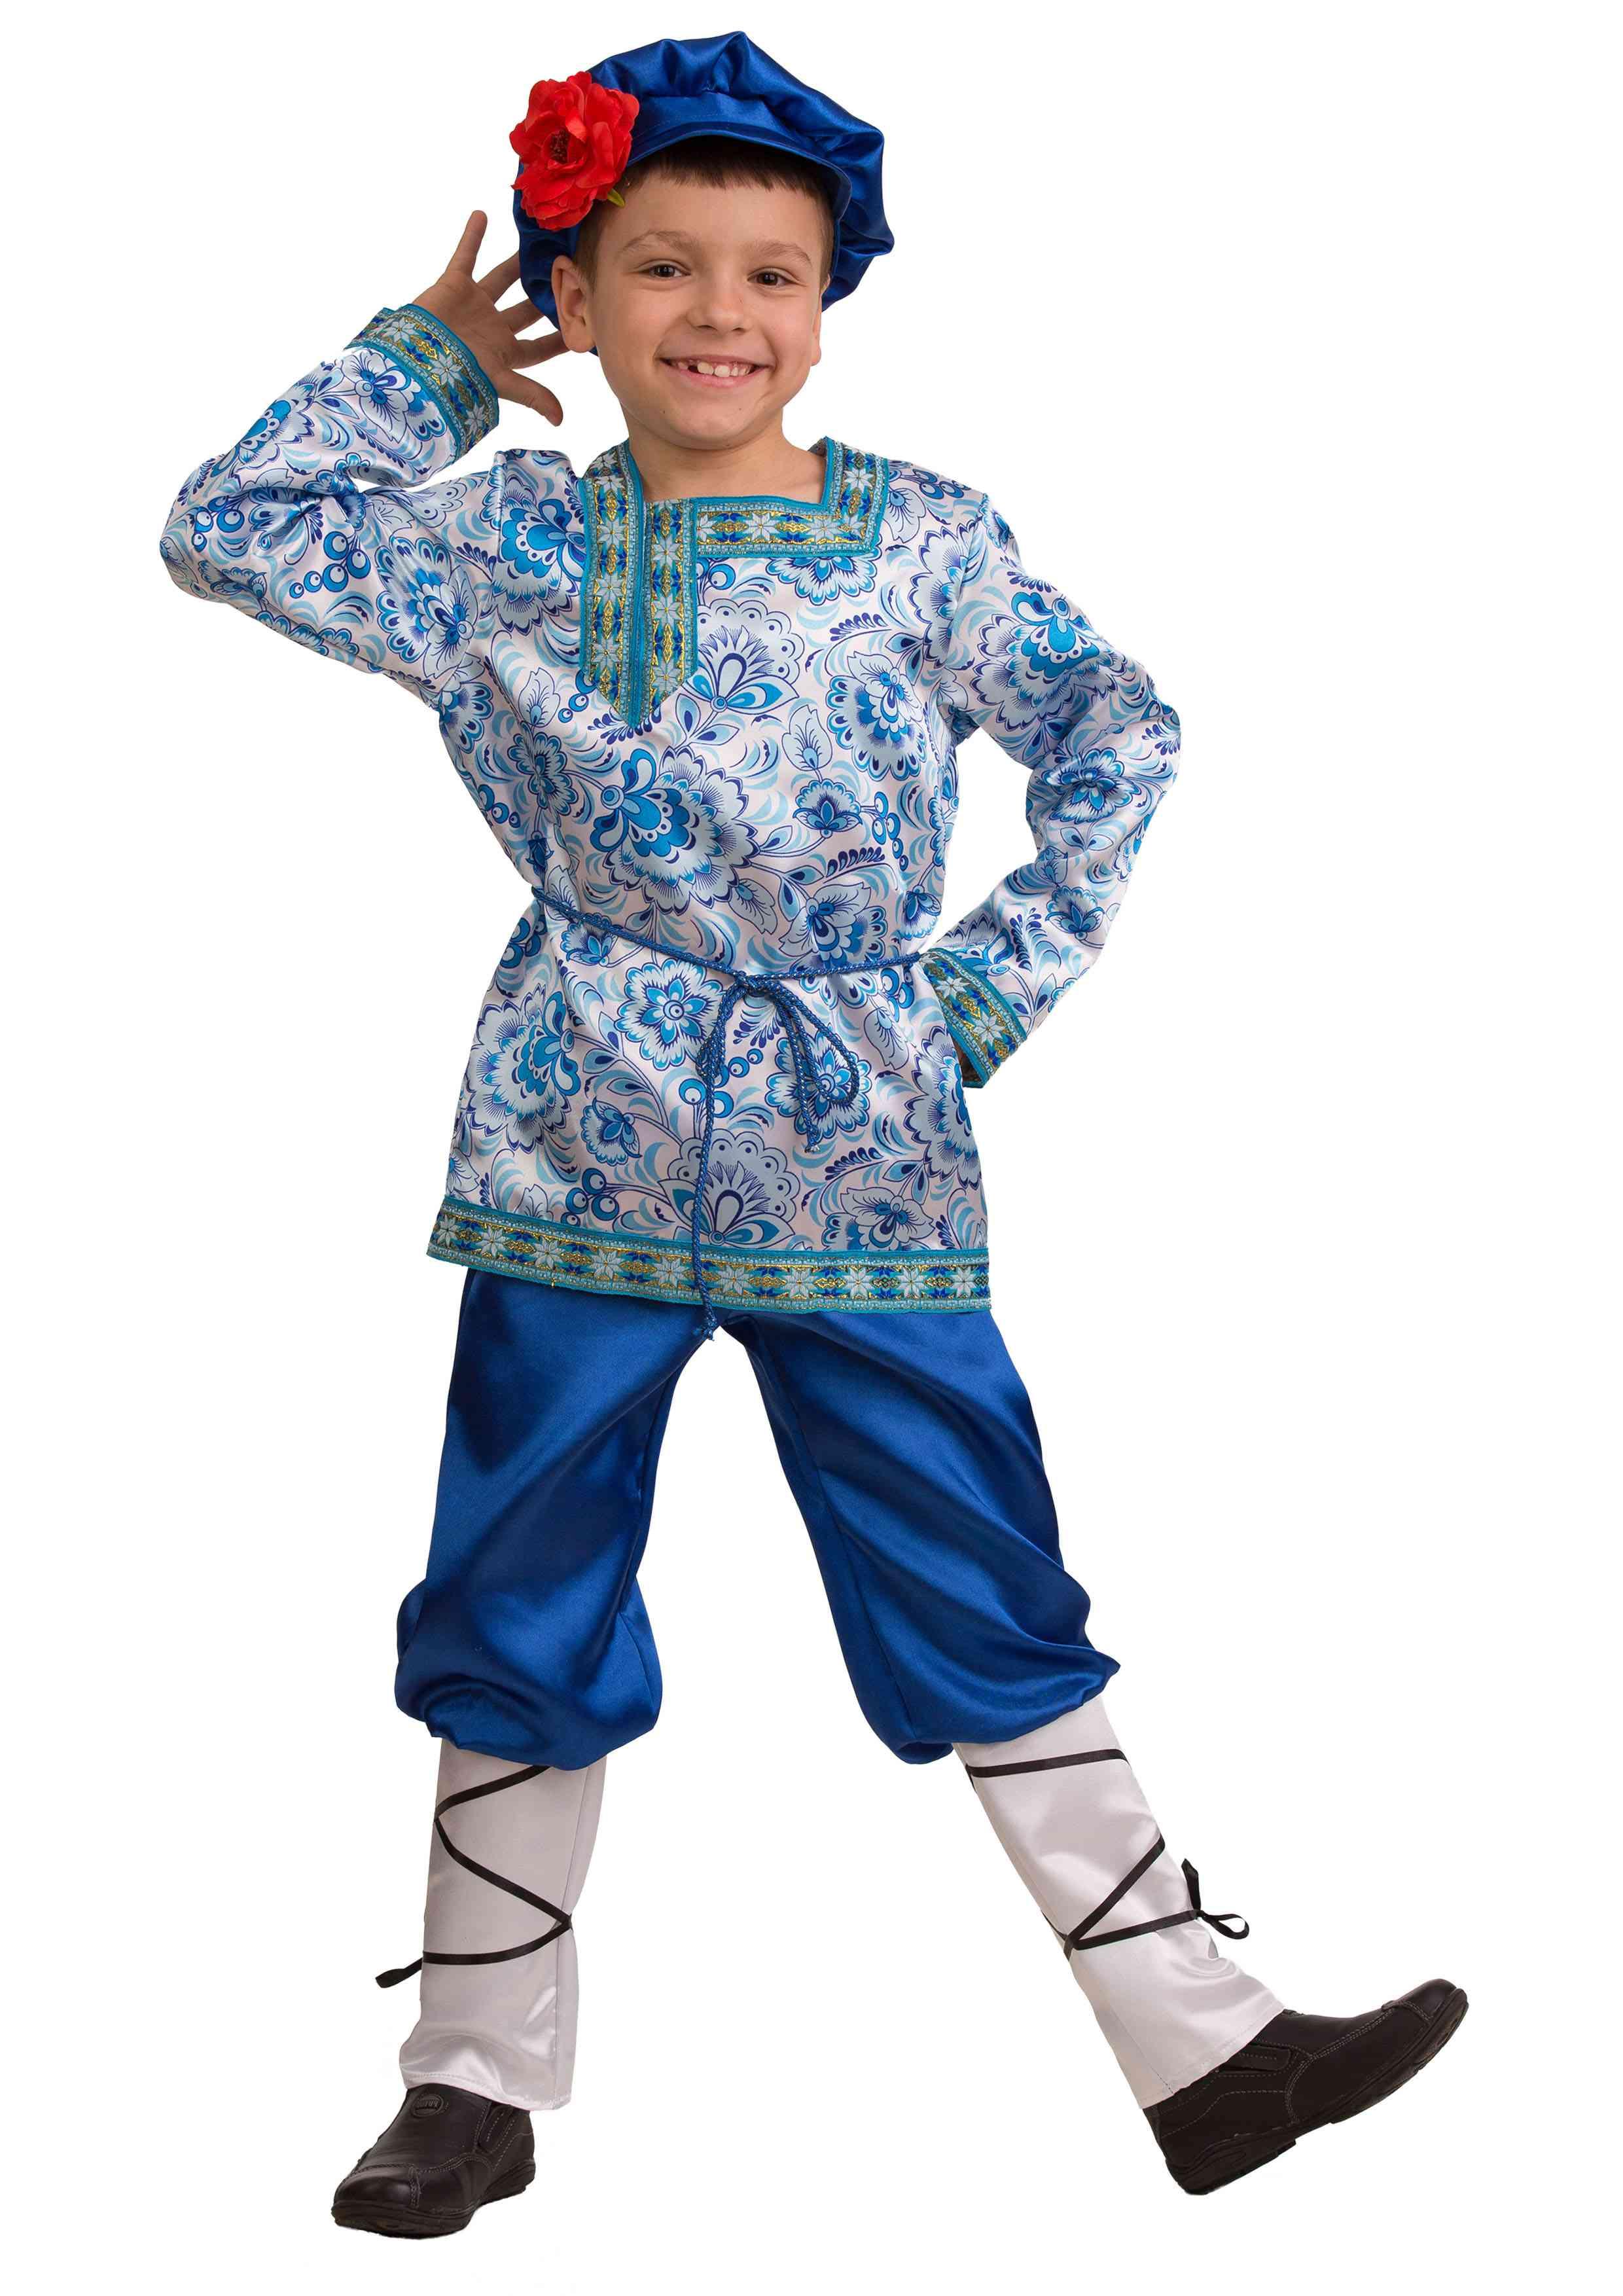 Карнавальный костюм для мальчиков - Вася-Василек, Сказочная страна, размер 116-60